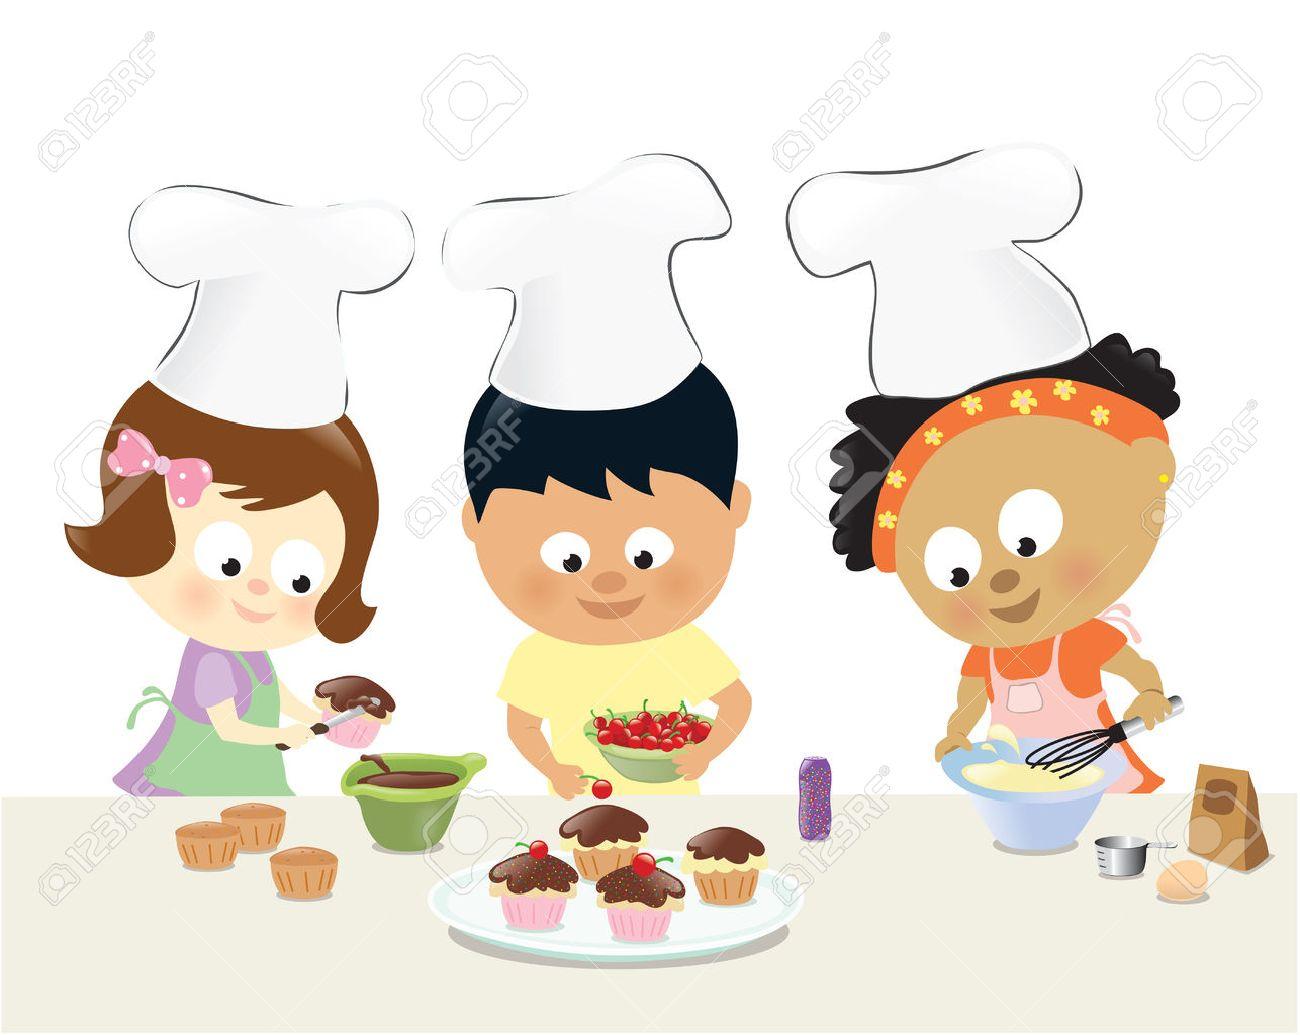 Kids baking cupcakes.